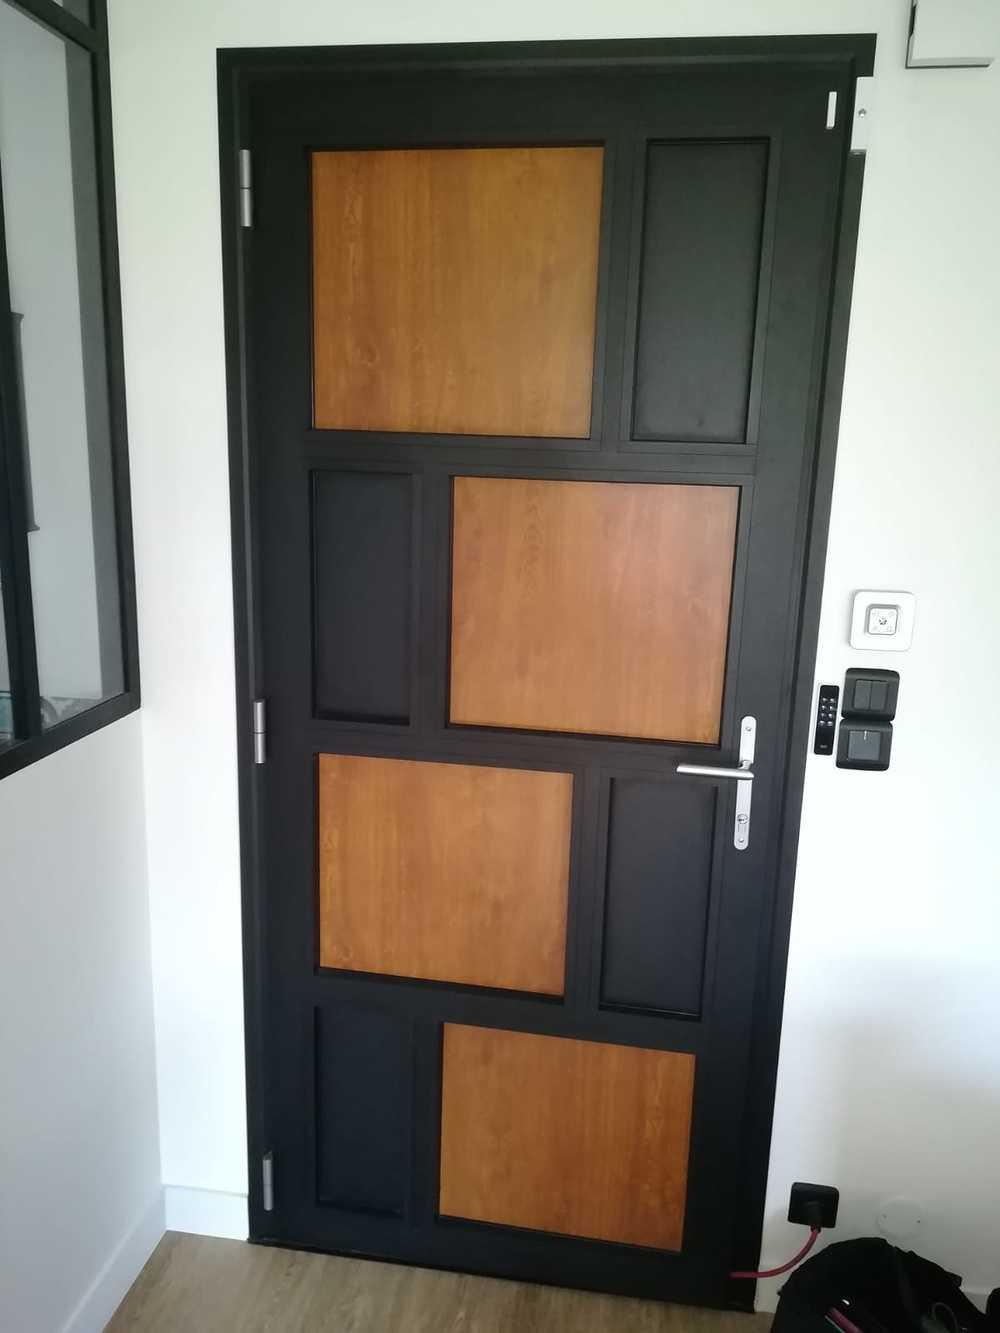 Rénovation porte d''entrée alu avec inclusion de plaques de bois 0